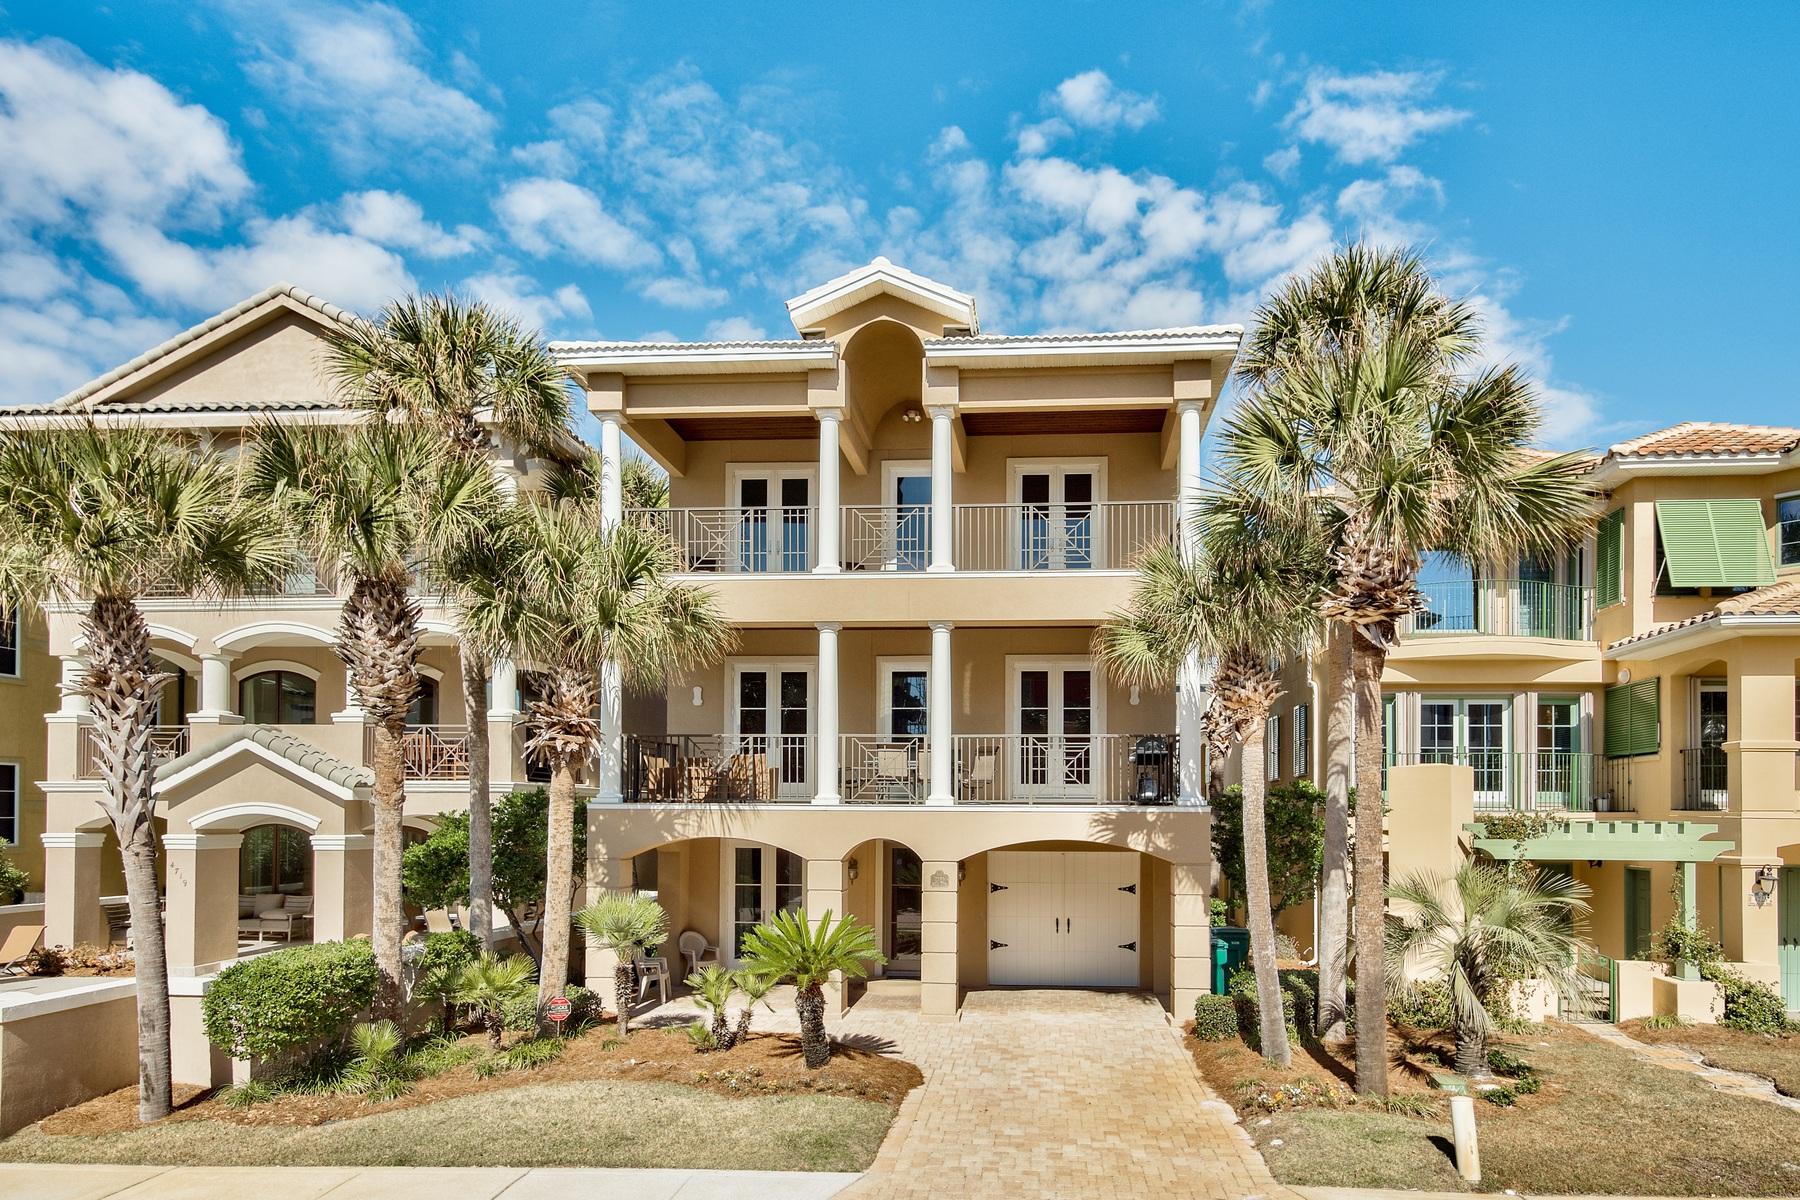 一戸建て のために 売買 アット SPACIOUS COASTAL RETREAT MERE STEPS FROM THE BEACH 4721 Ocean Boulevard Destin, フロリダ, 32451 アメリカ合衆国